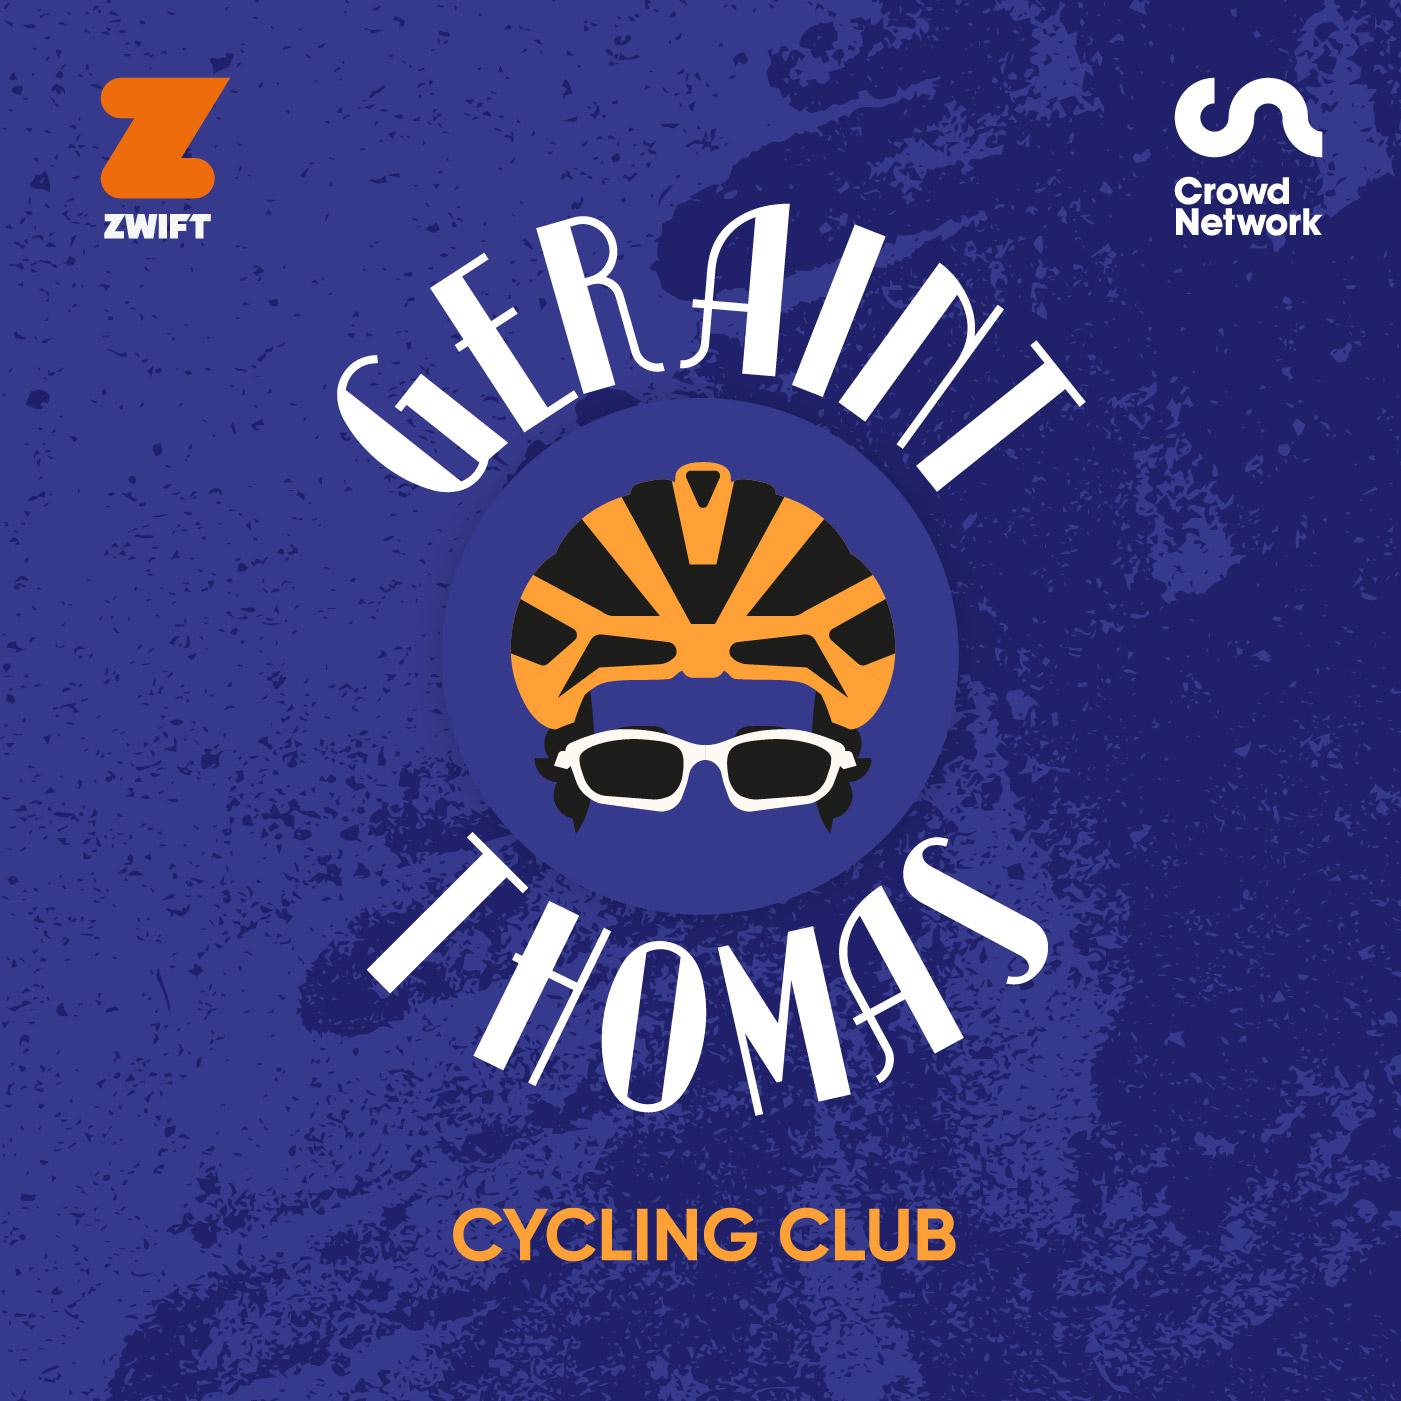 The Geraint Thomas Cycling Club